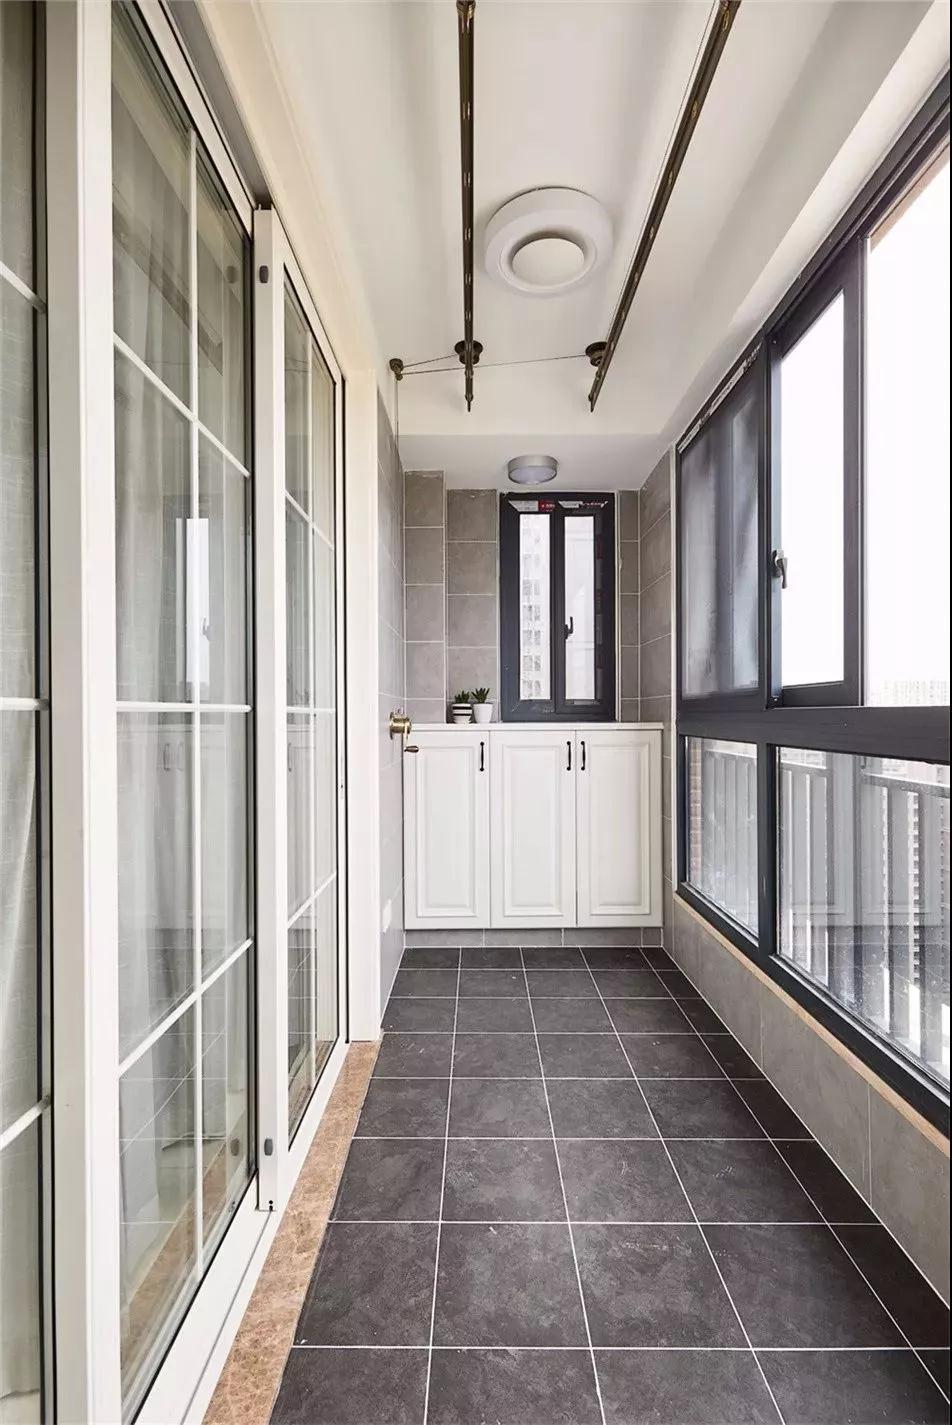 封闭式阳台怎样设计才能好看又实用?看看别人家的吧